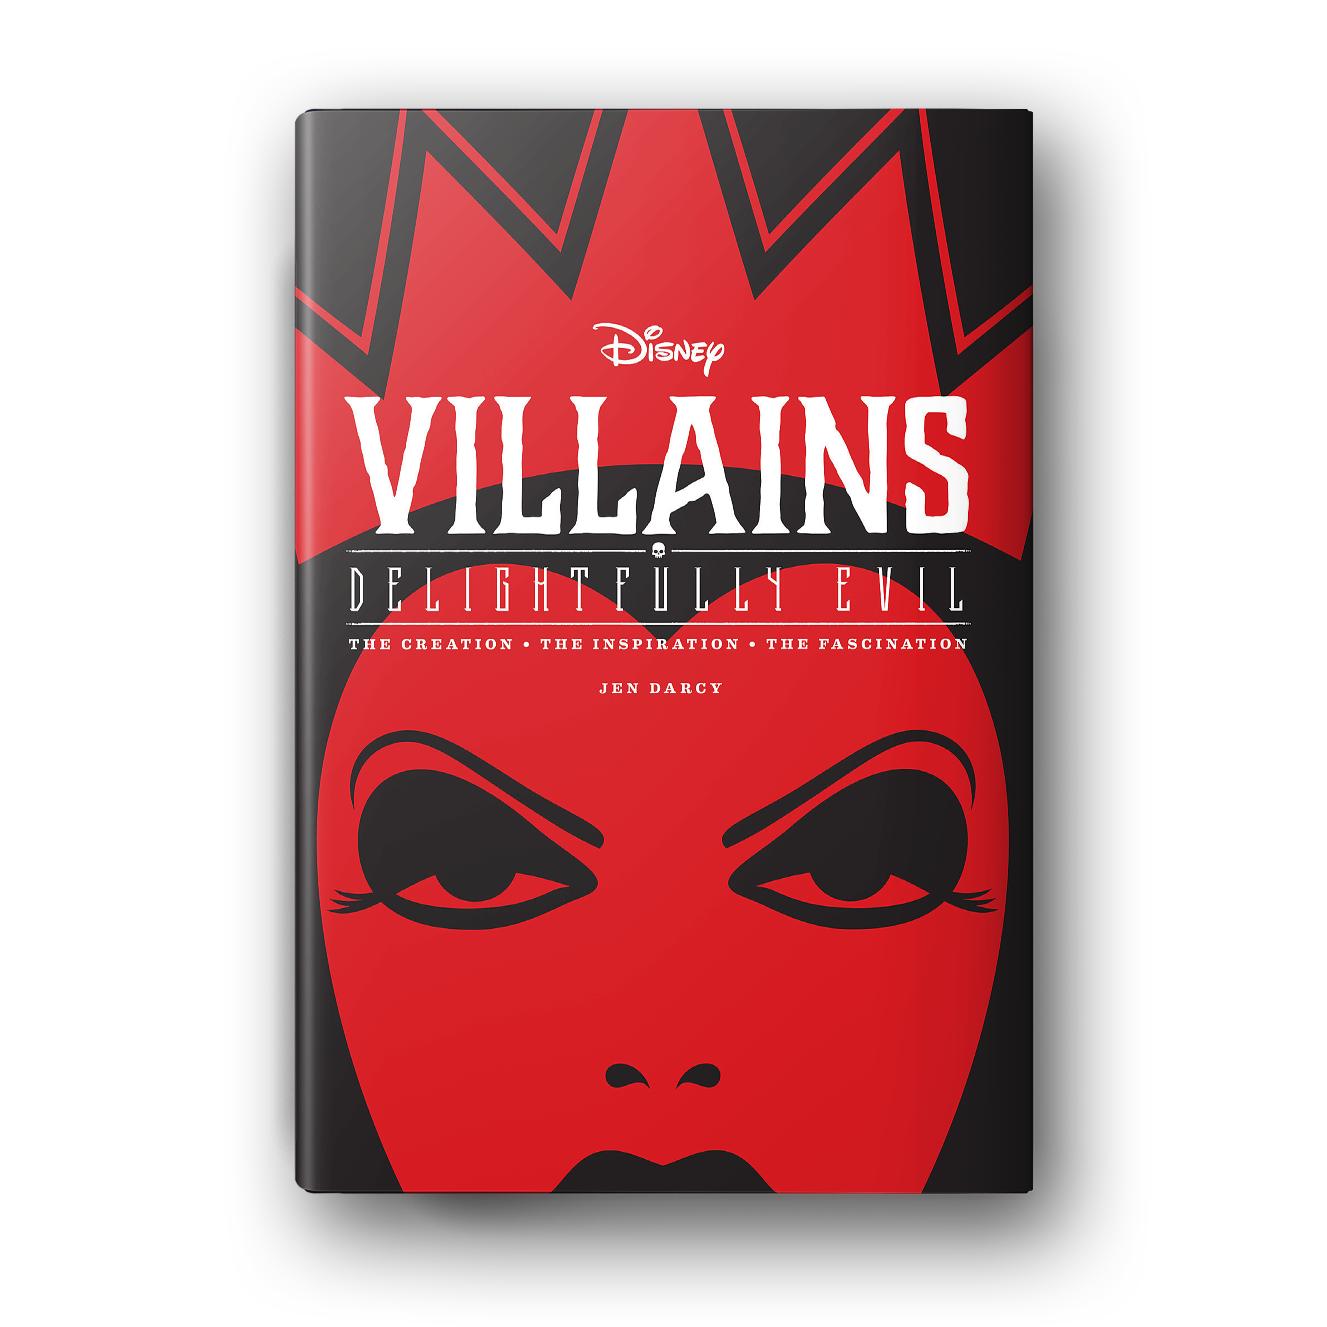 Disney_Villains_DelightfullyEvil_Logotype_SQUAREFULL.png